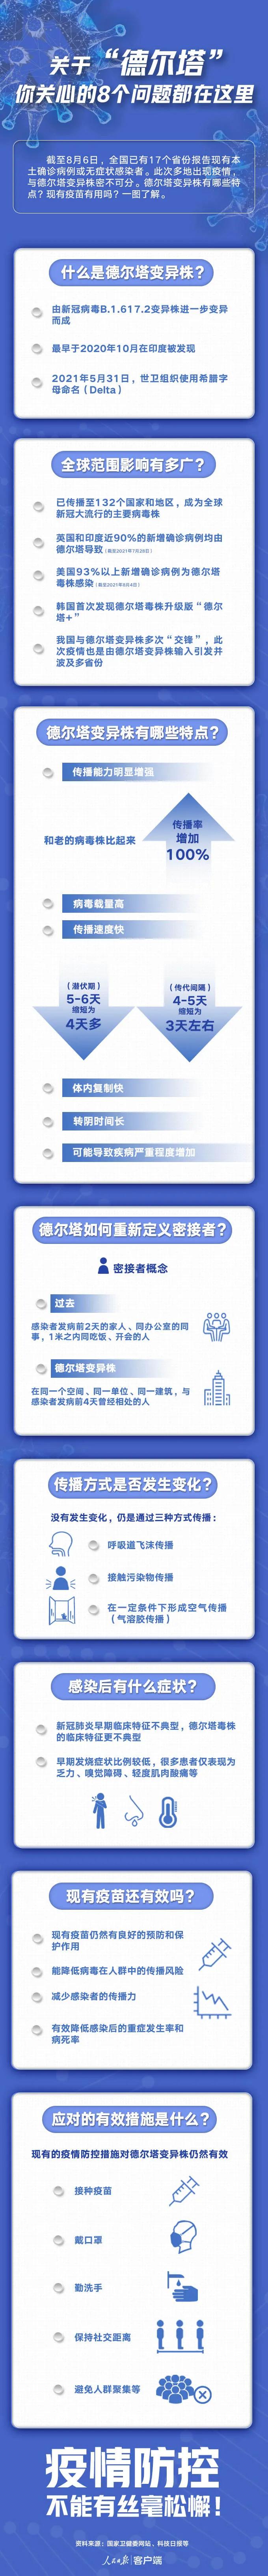 """【众志成城 防控疫情】关于""""德尔塔"""",你关心的8个问题都在这了!速看→"""